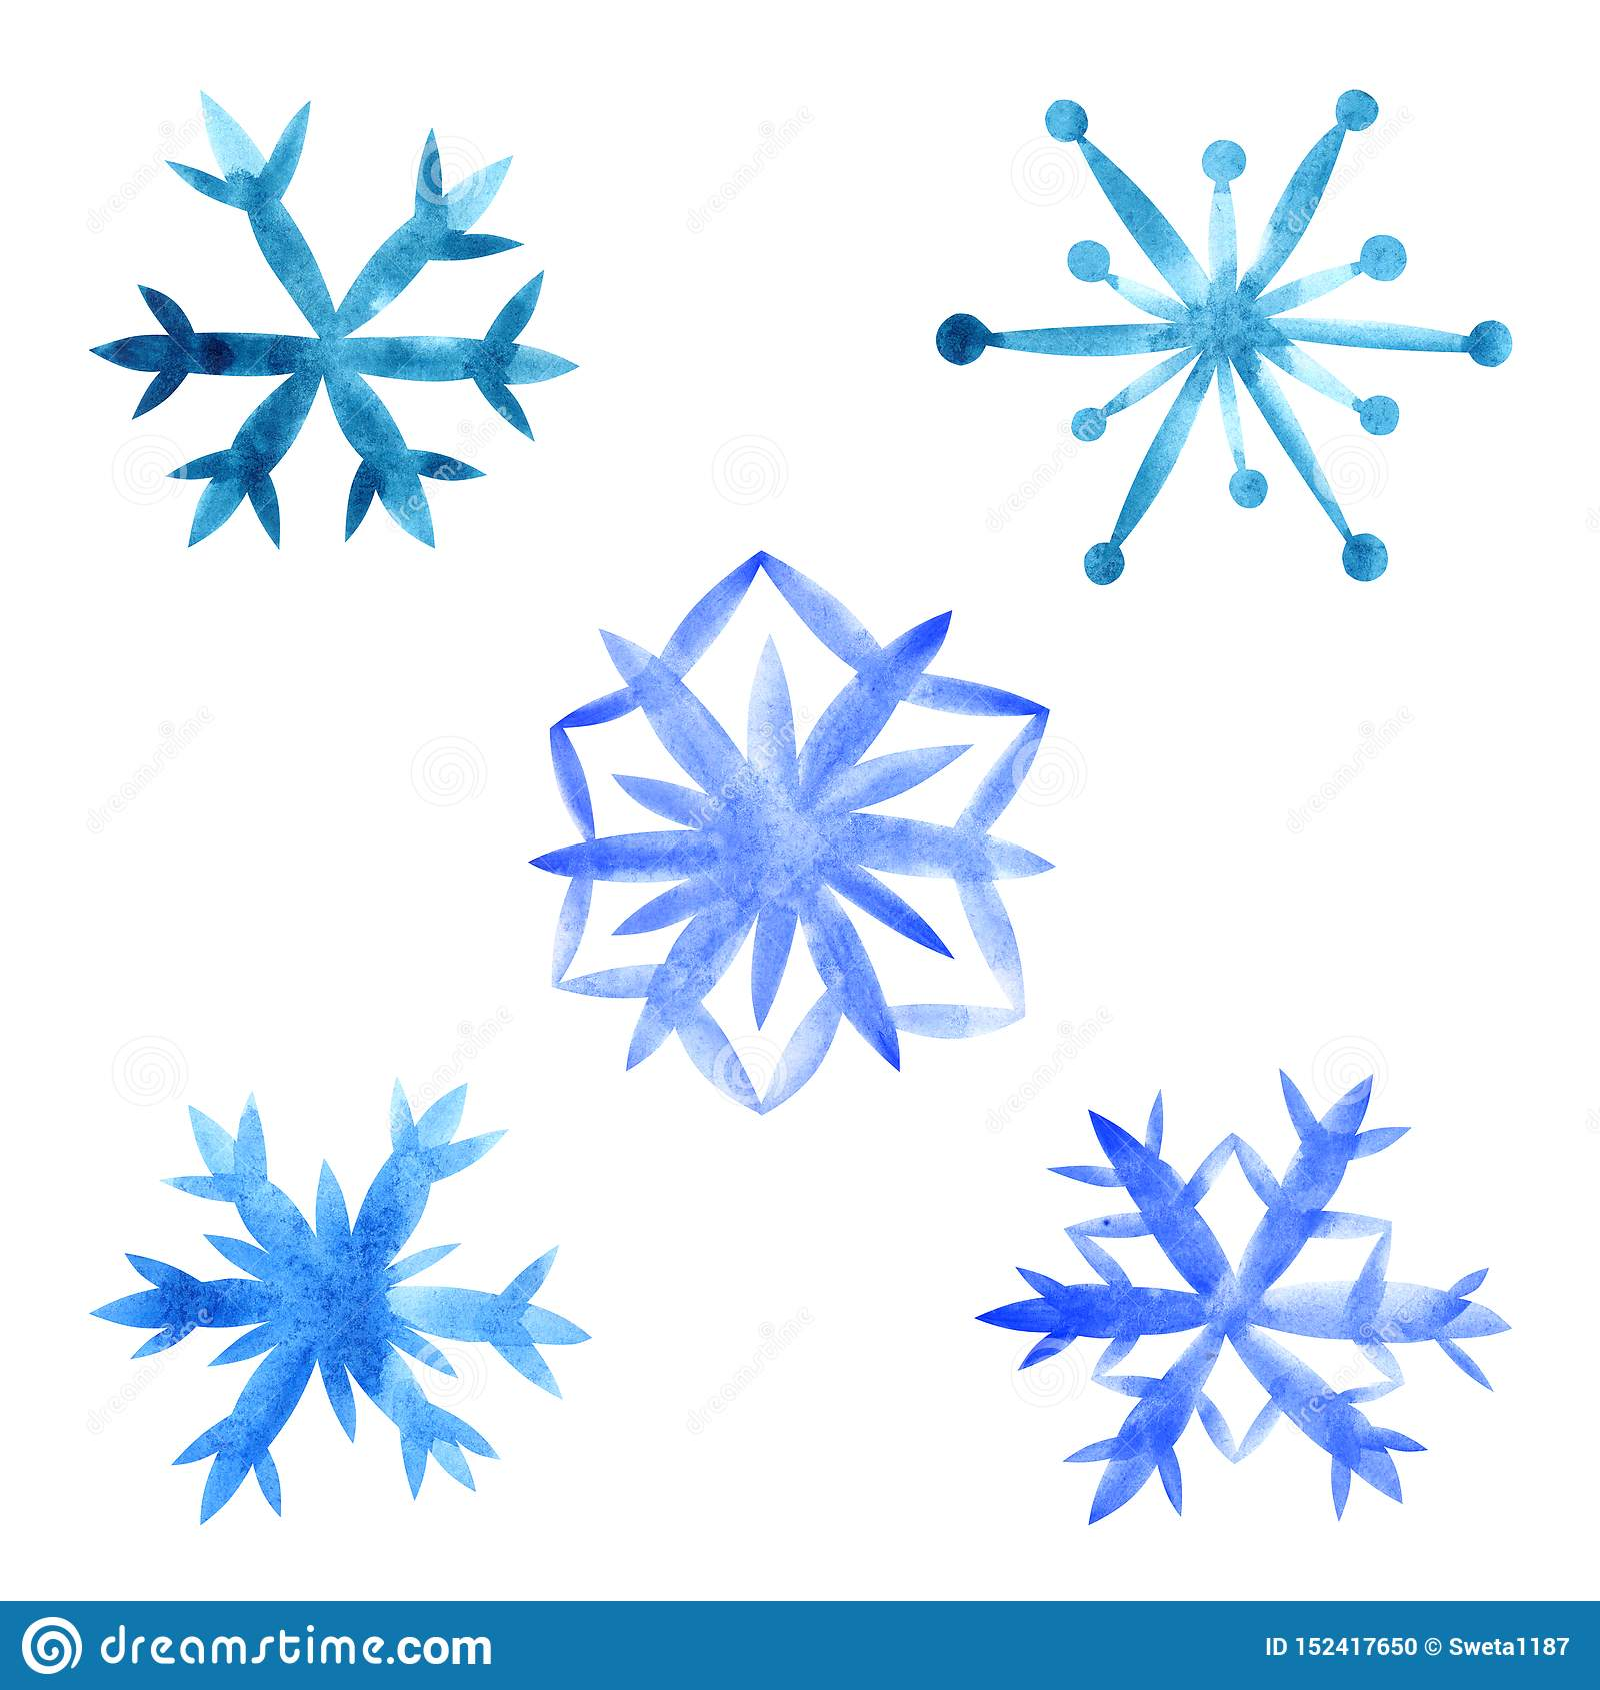 Schneeflocken eingestellt auf einen weißen Hintergrund